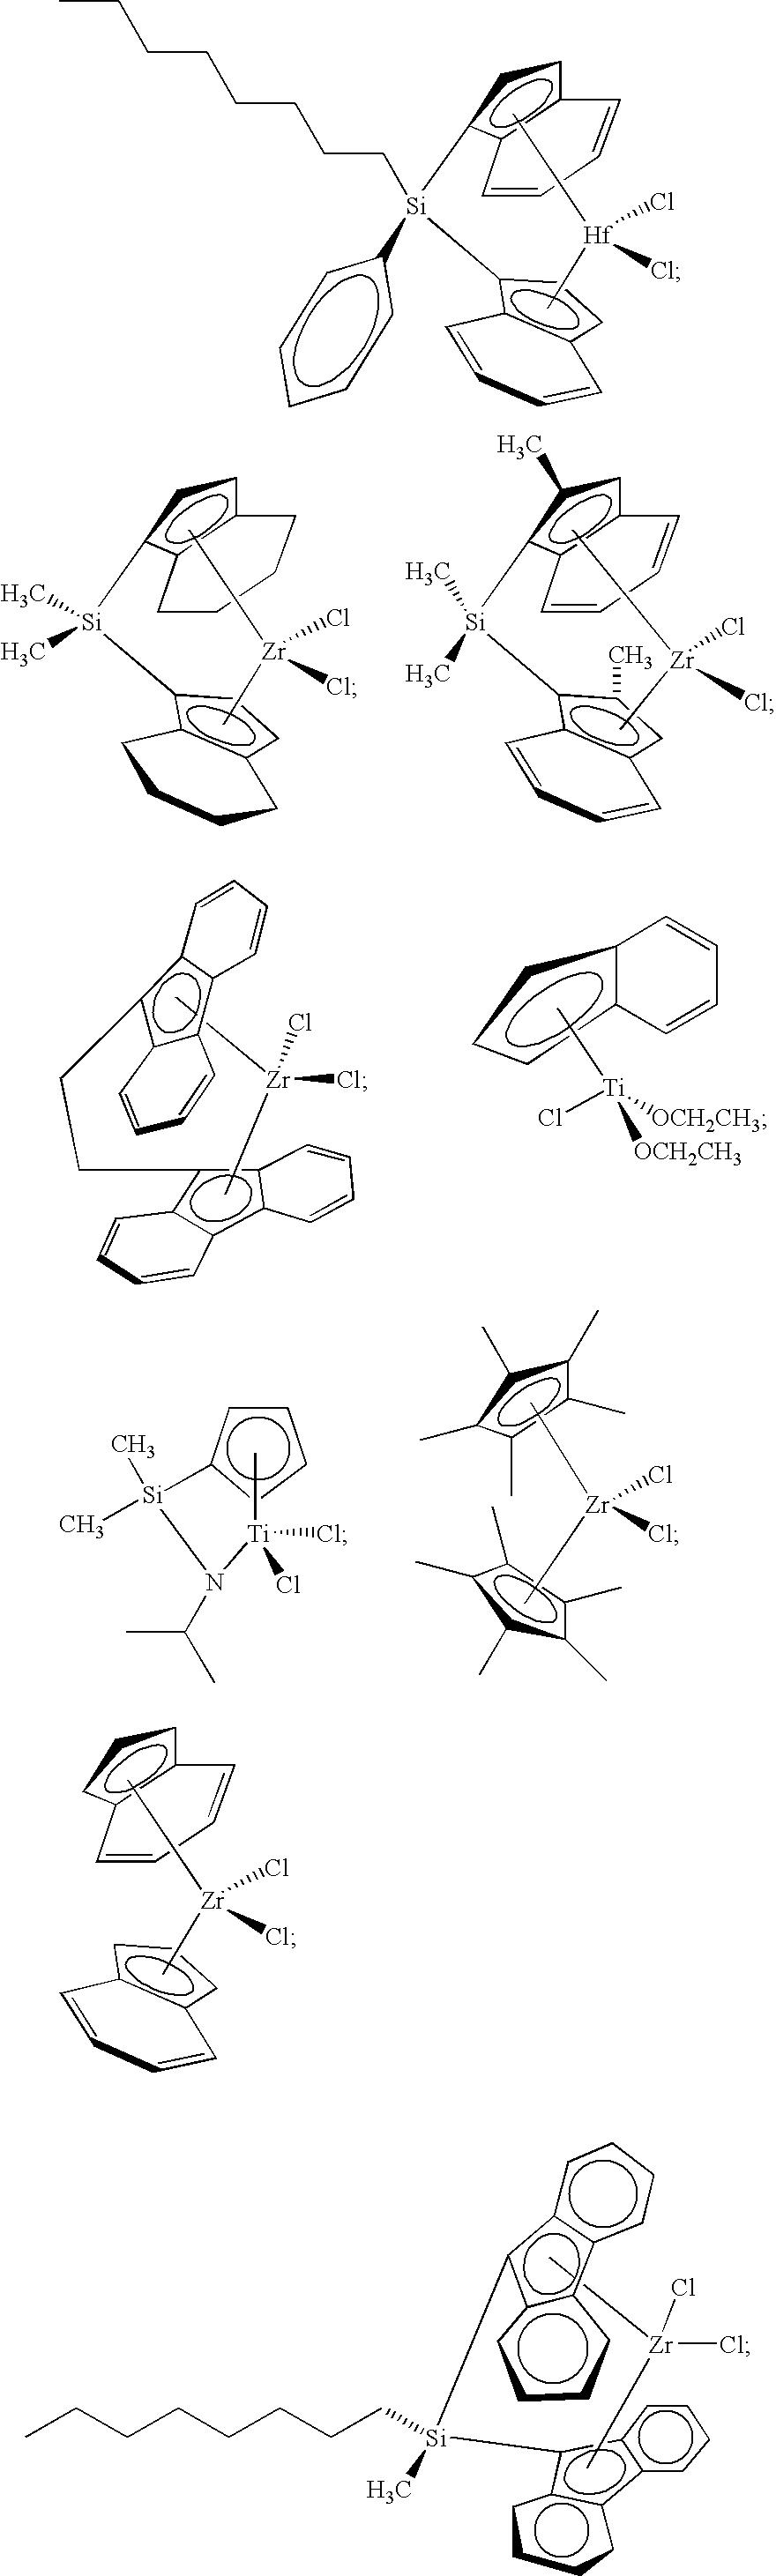 Figure US07163906-20070116-C00007